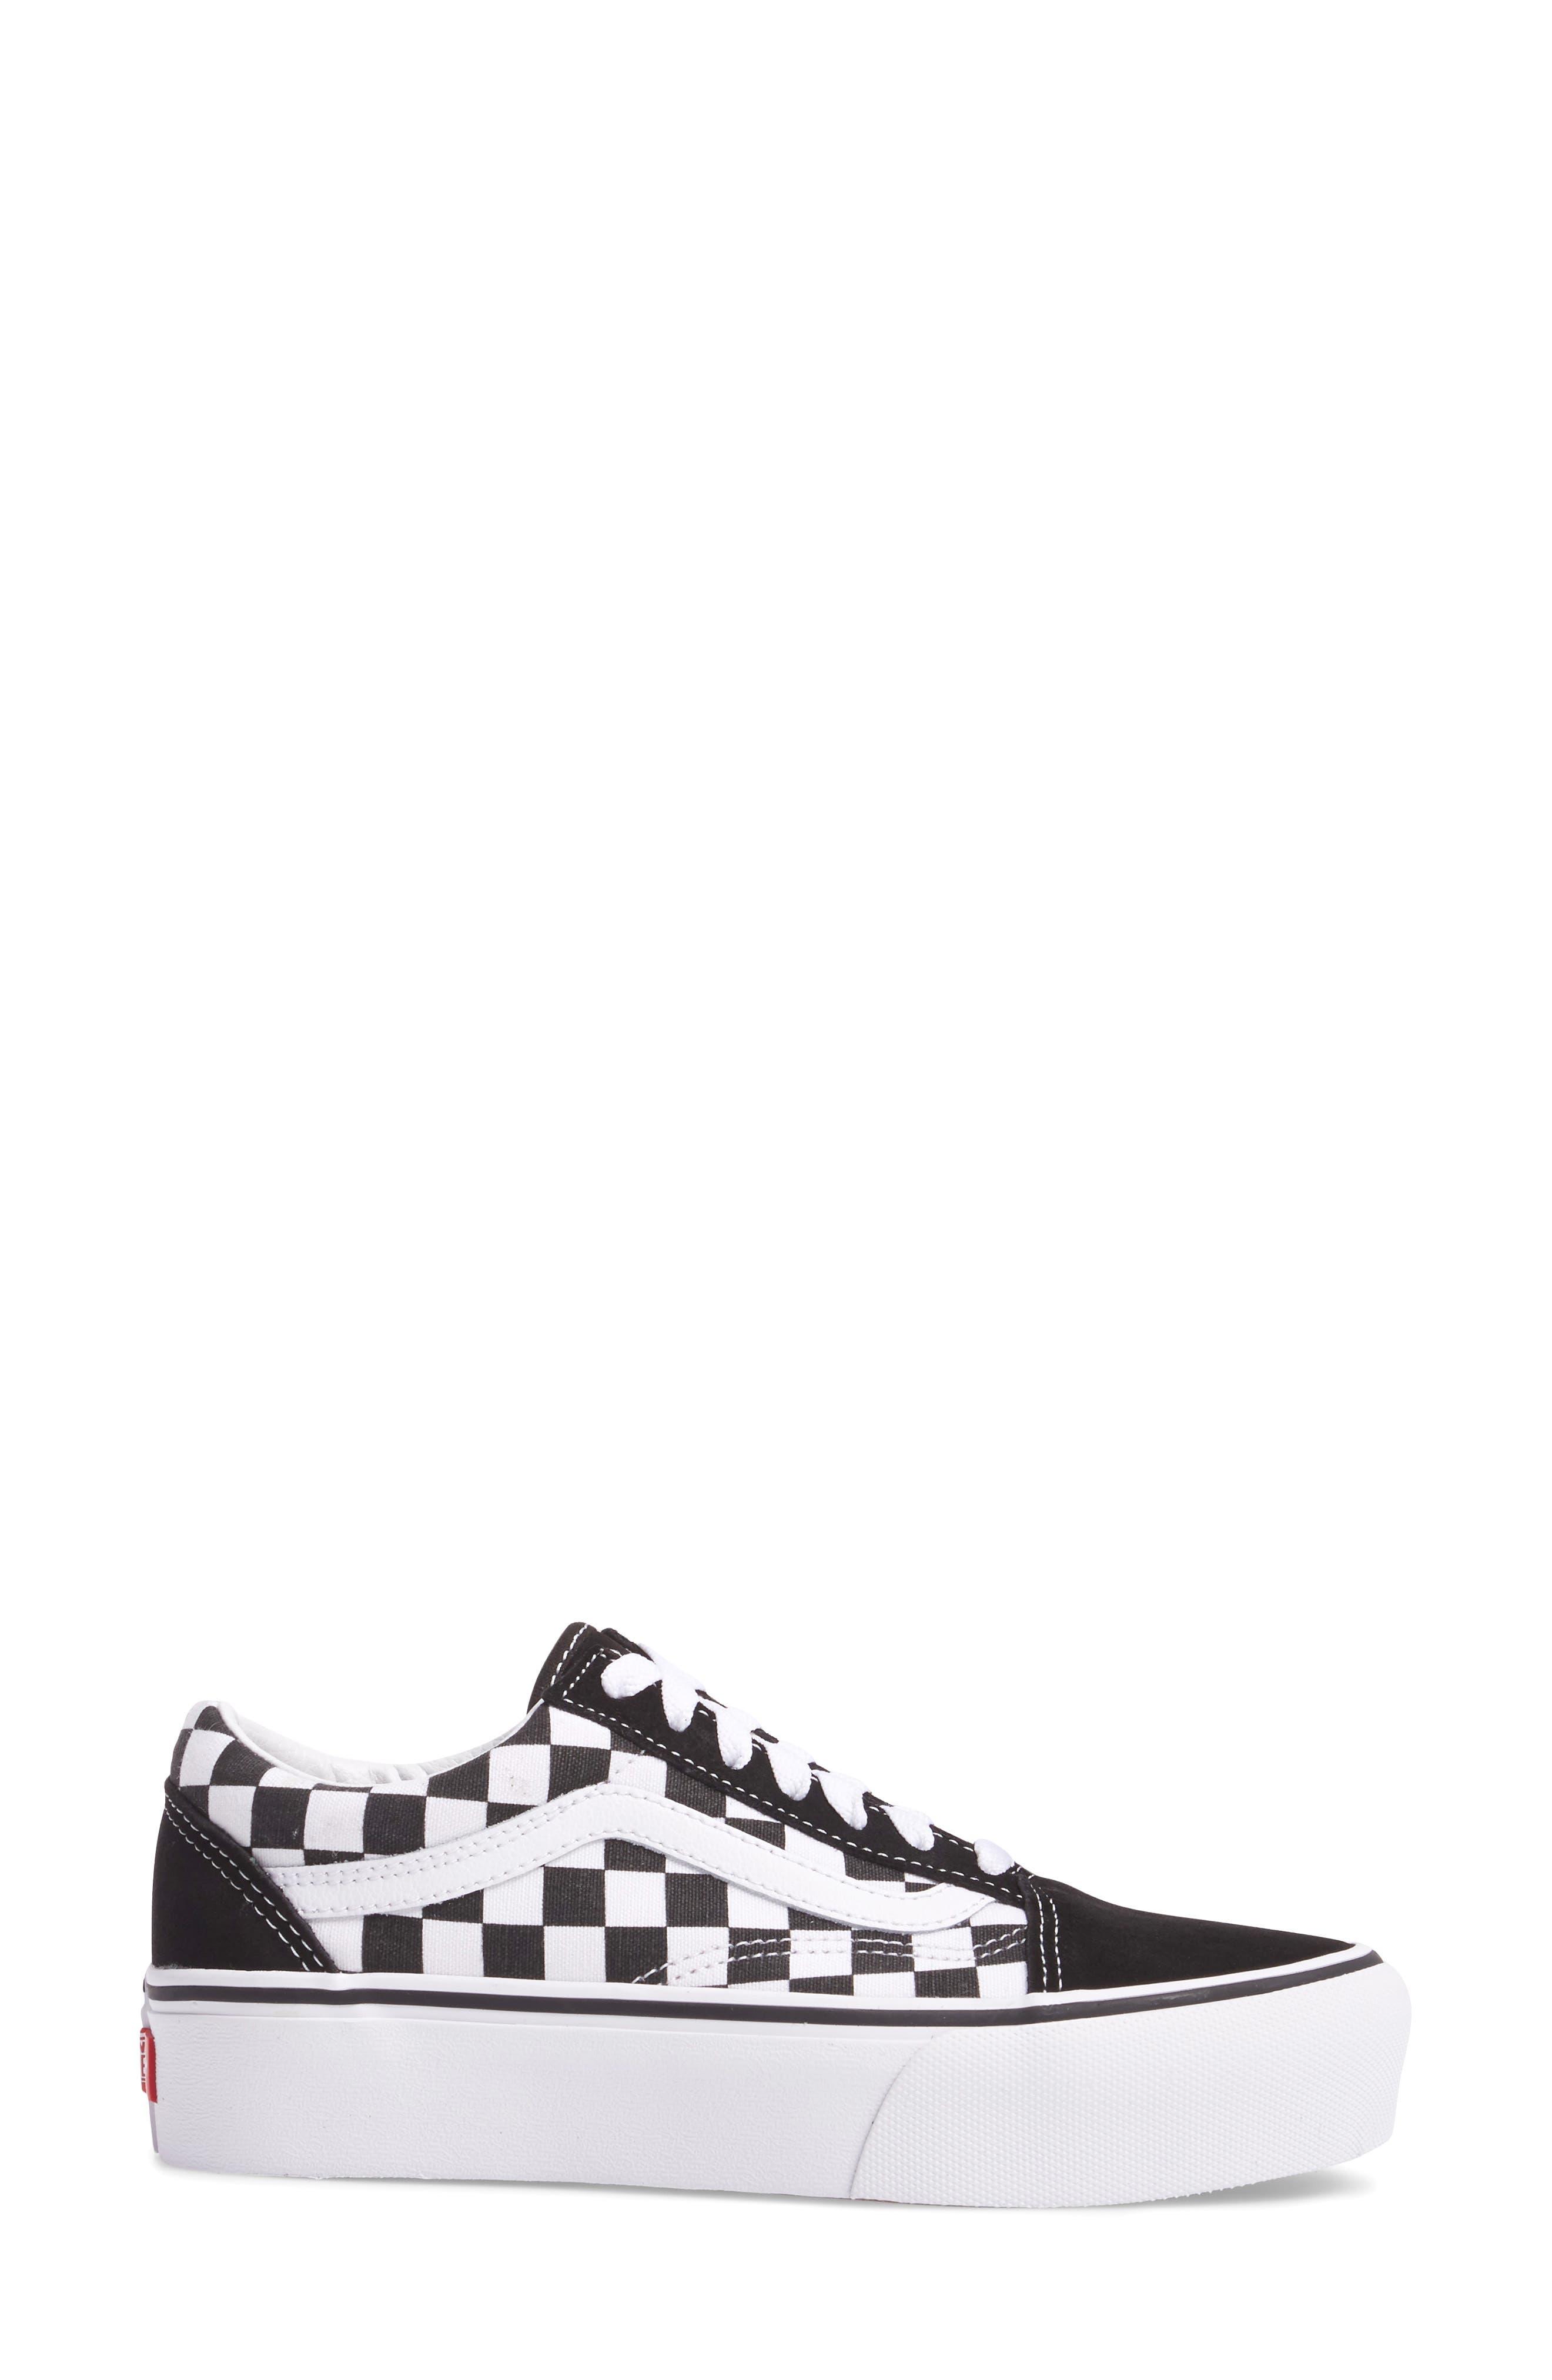 Alternate Image 3  - Vans Old Skool Platform Sneaker (Women)